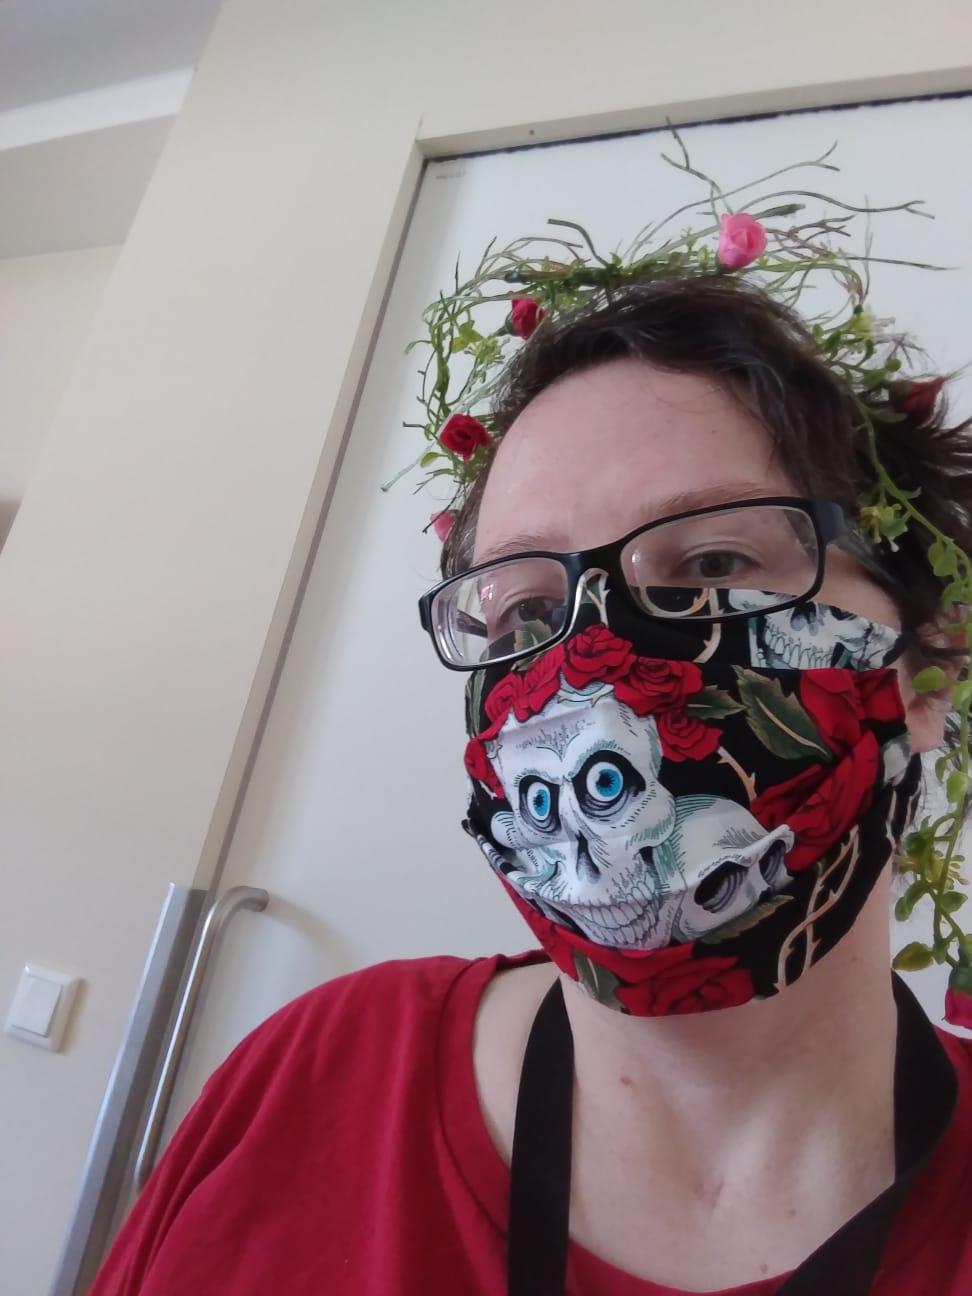 Bild von Freya Kettner, die einen rot-schwarzen Mundschutz mit Totenkopf-Motiv und in den Haaren Blumen trägt.